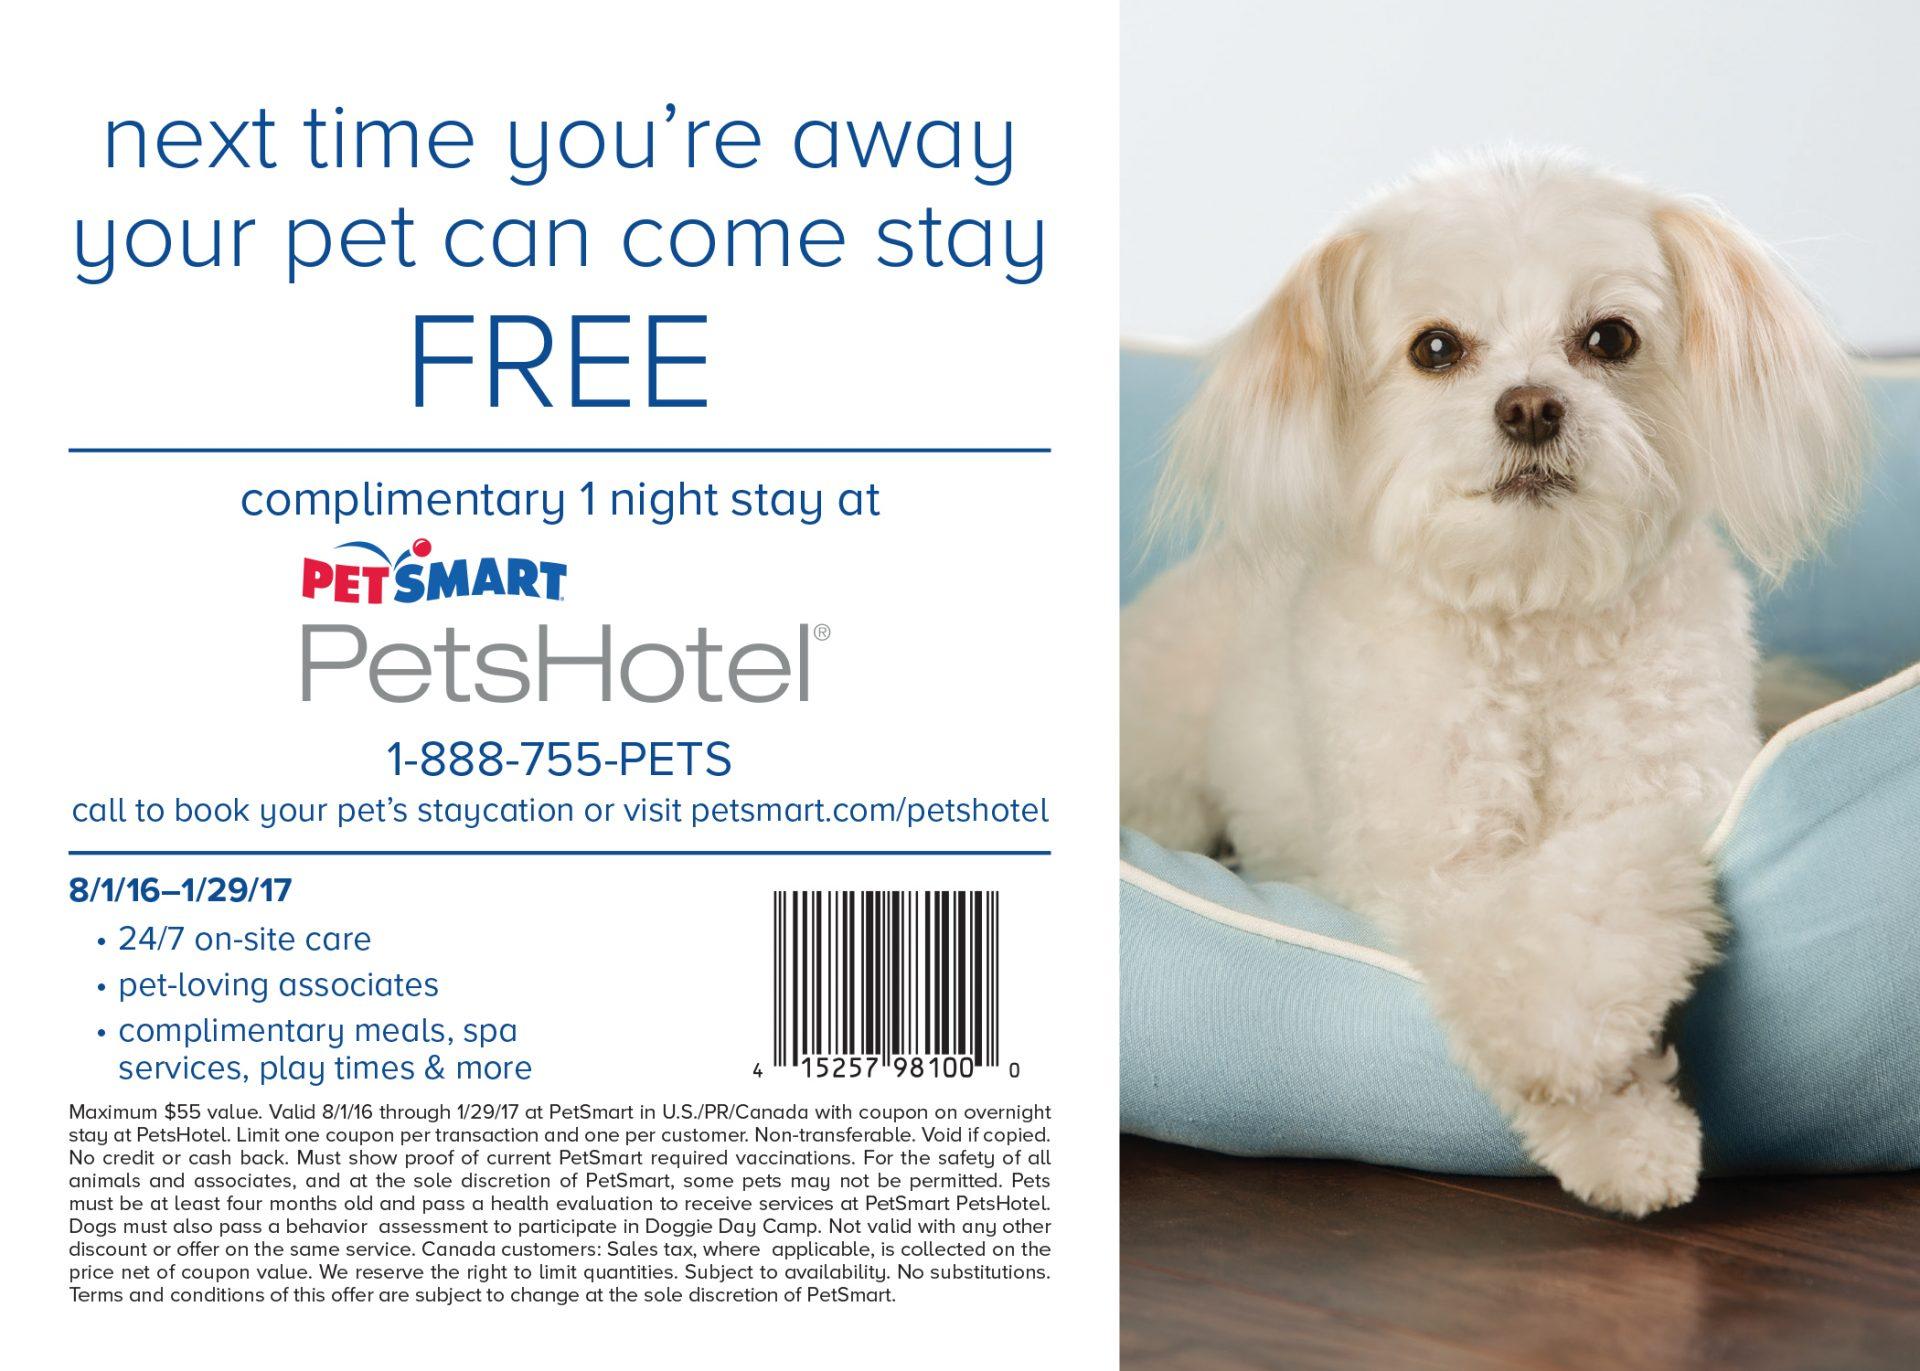 PetSmart-PetsHotel_1free_night_postcard_2016